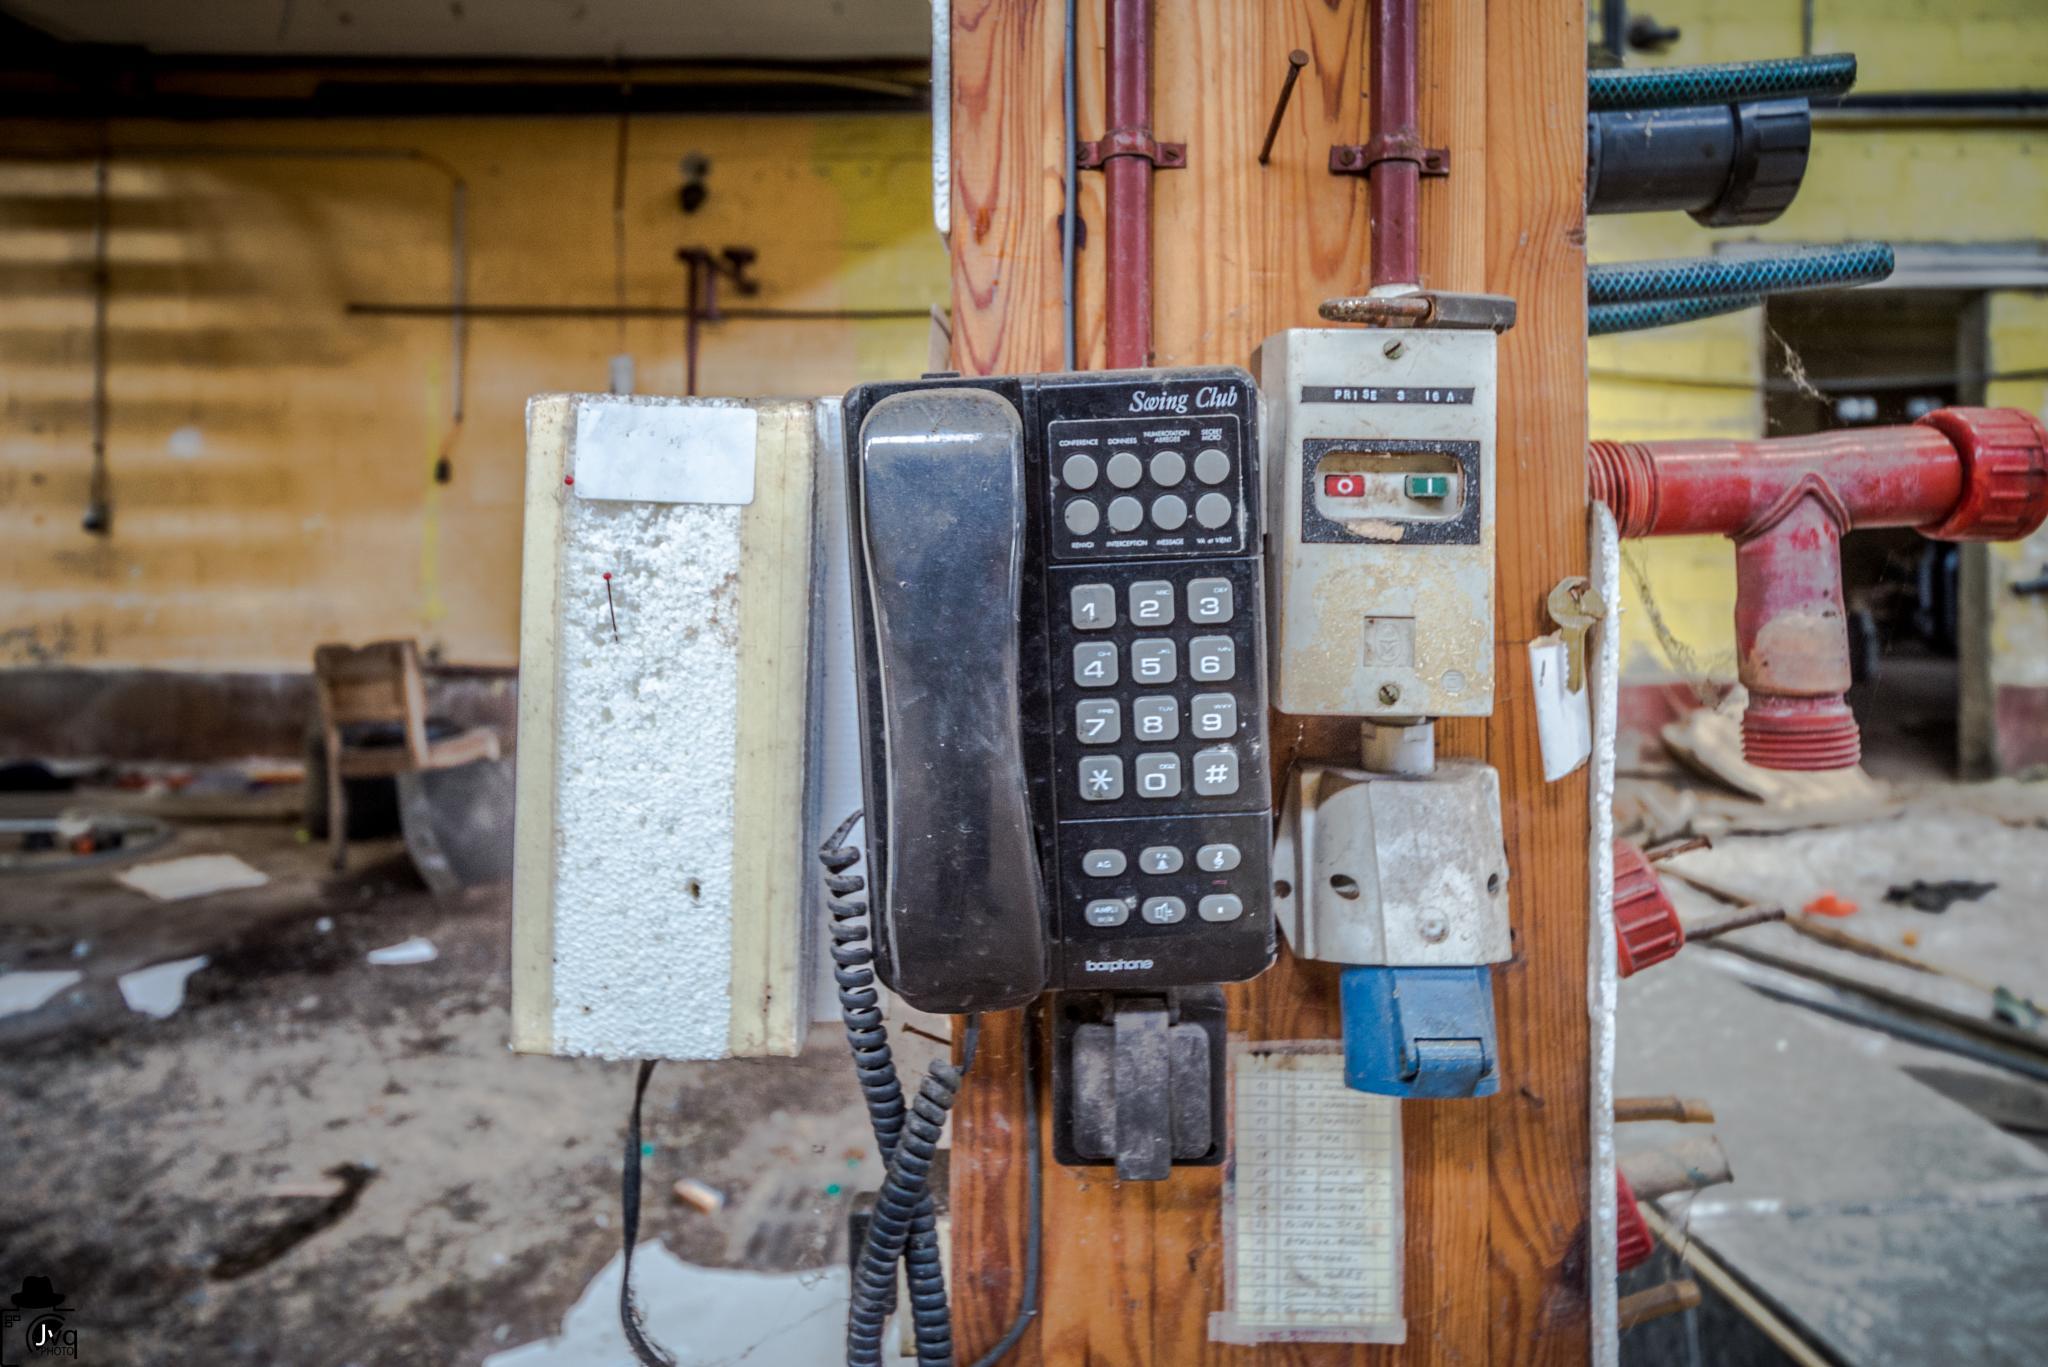 Gaston y a le telefon qui son.... Mais plus personne n est la pour y repondre.... by Le Baroudeur